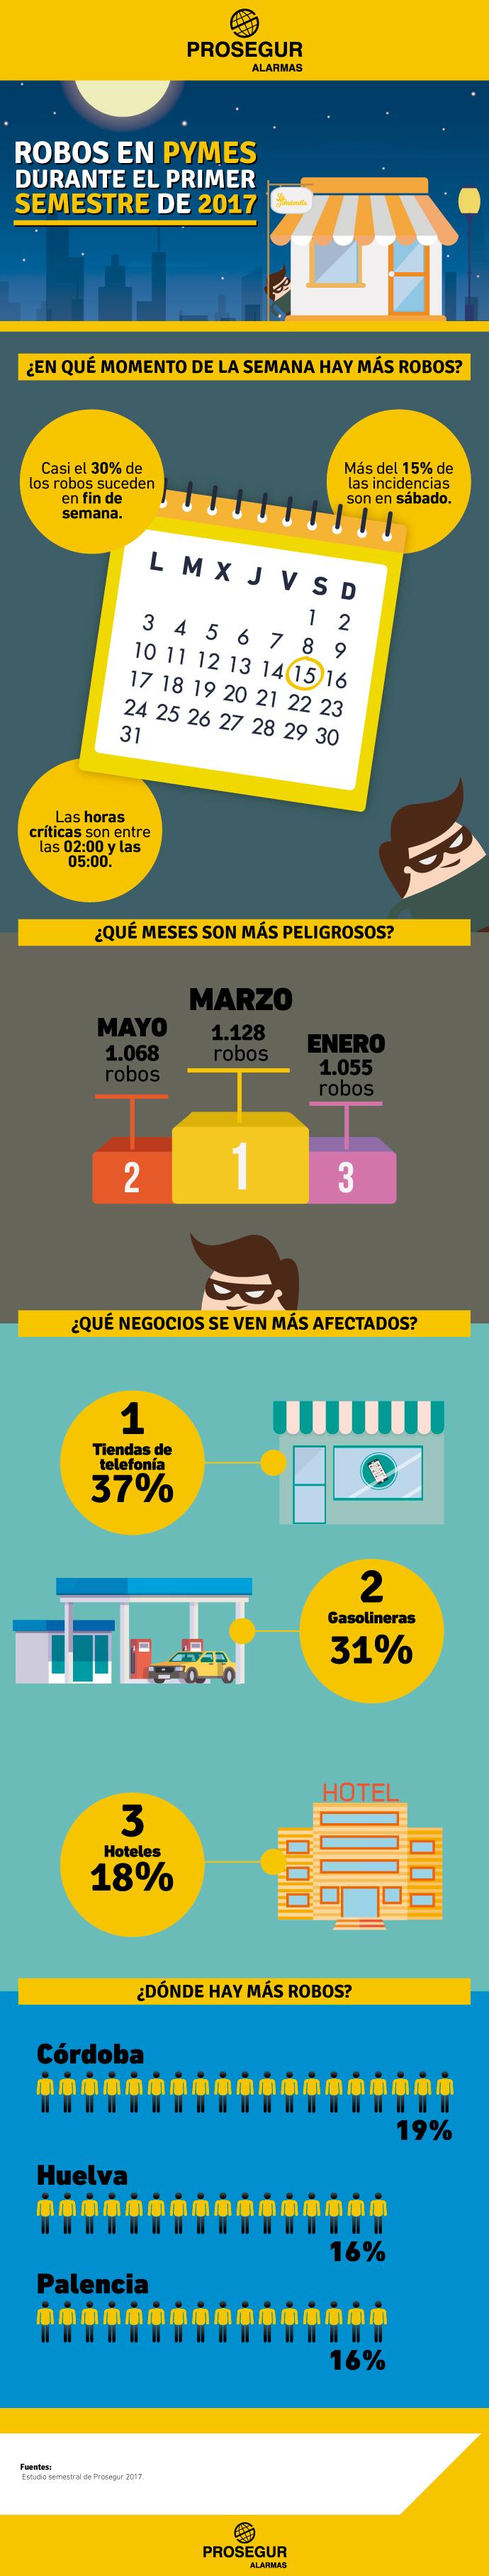 Datos y estadística de robos en pymes durante el primer semestre de 2017 - Blog Prosegur